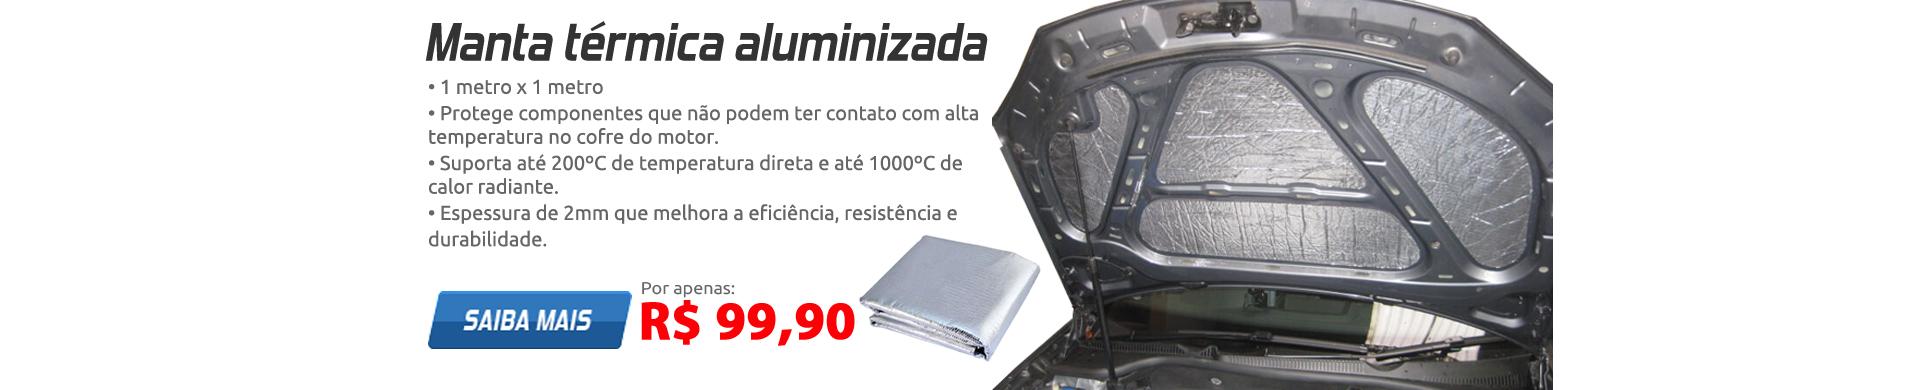 banner desktop titanium